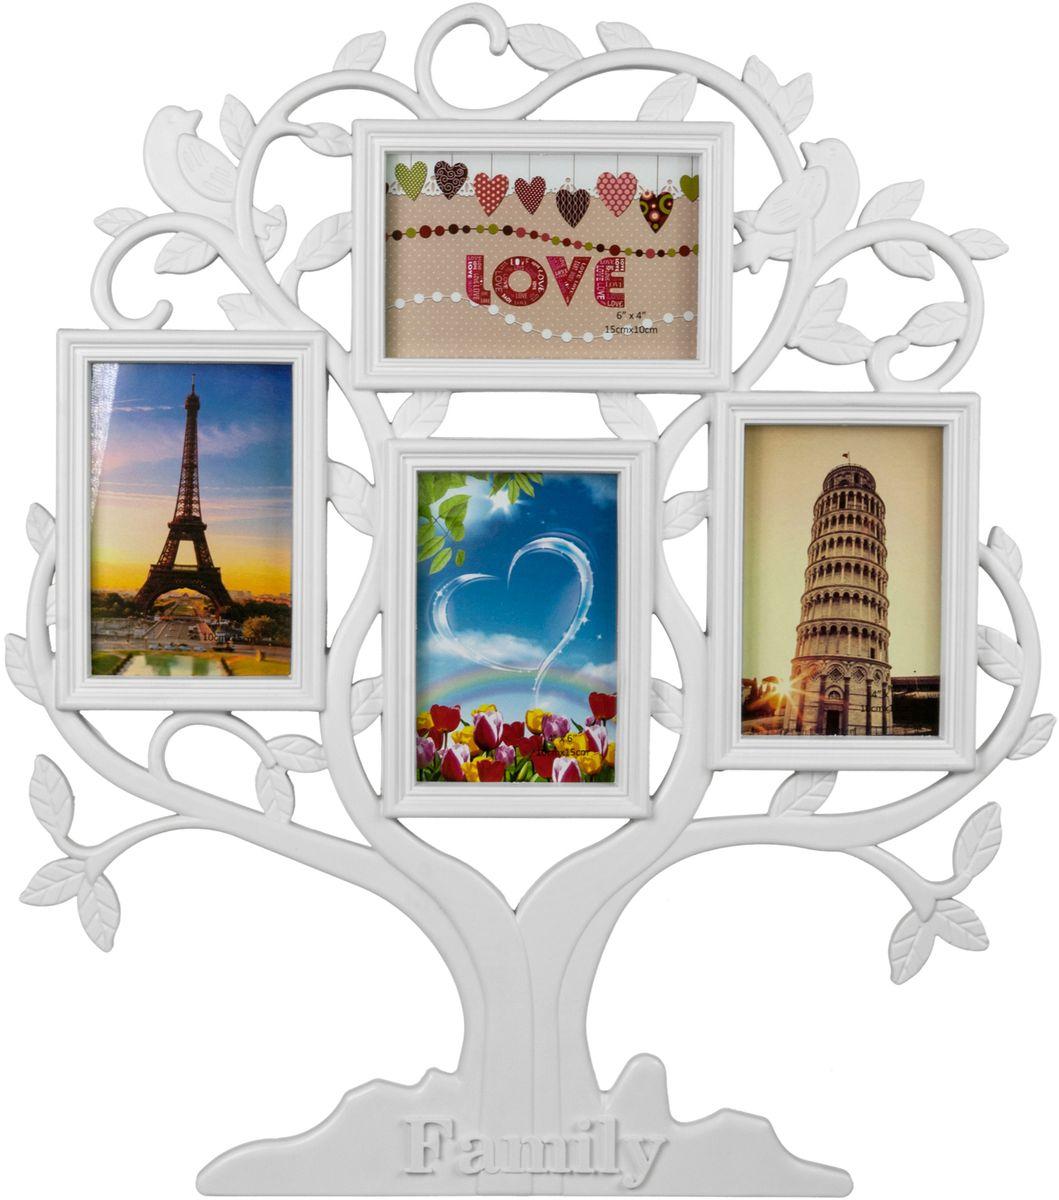 Фоторамка-коллаж Platinum Родословное дерево. Family, на 4 фото, цвет: белый. BIN-1124348-W